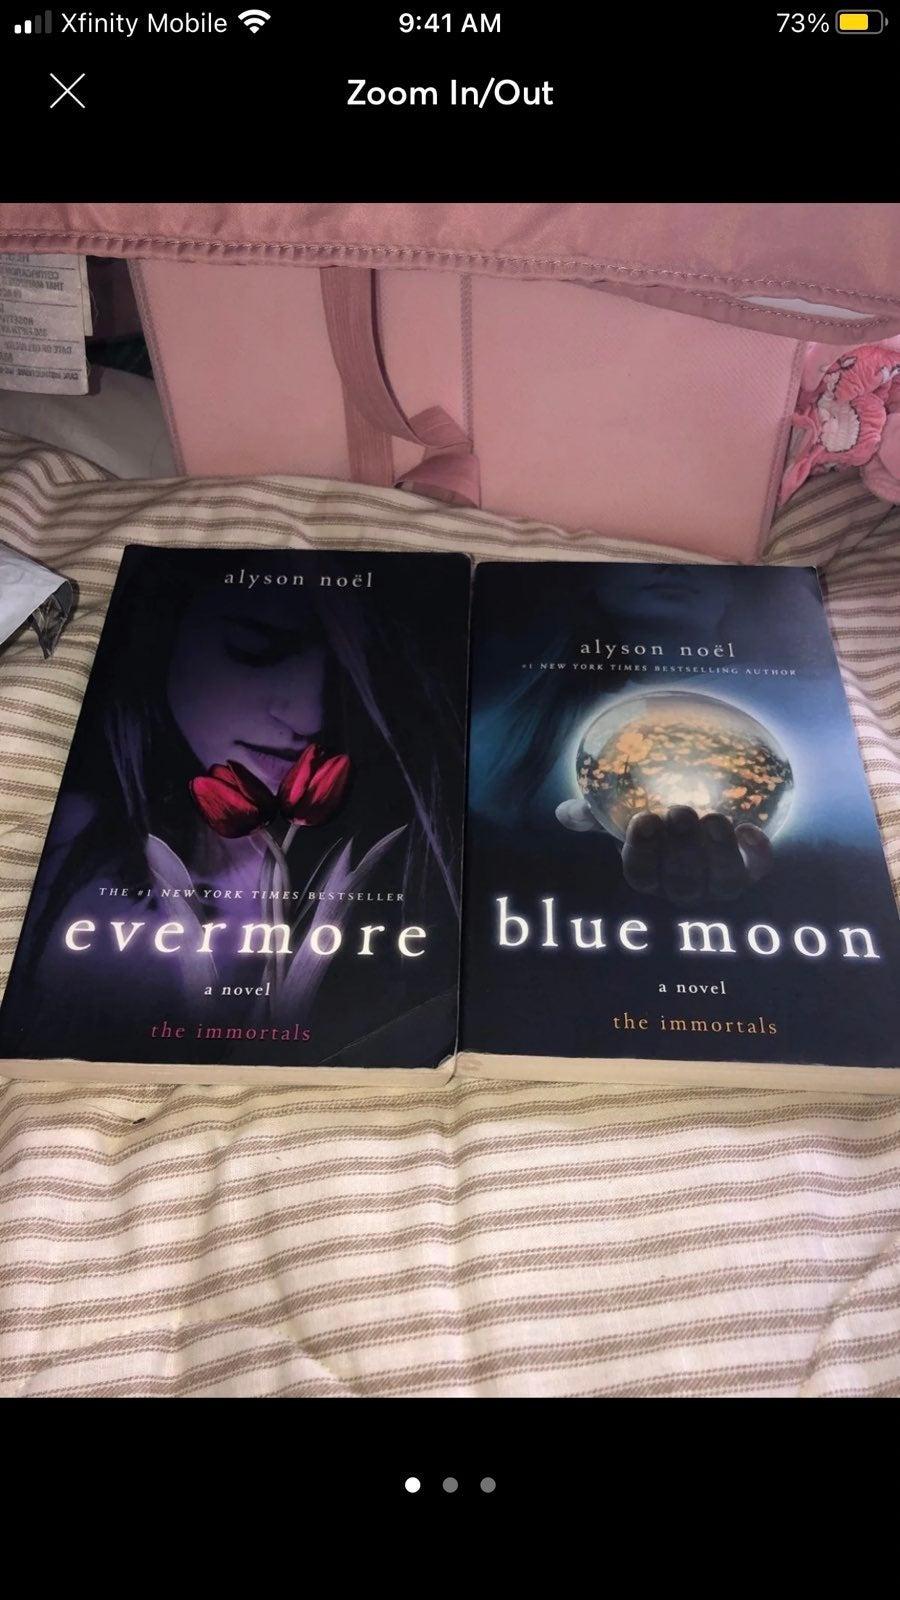 immortal novels book duo